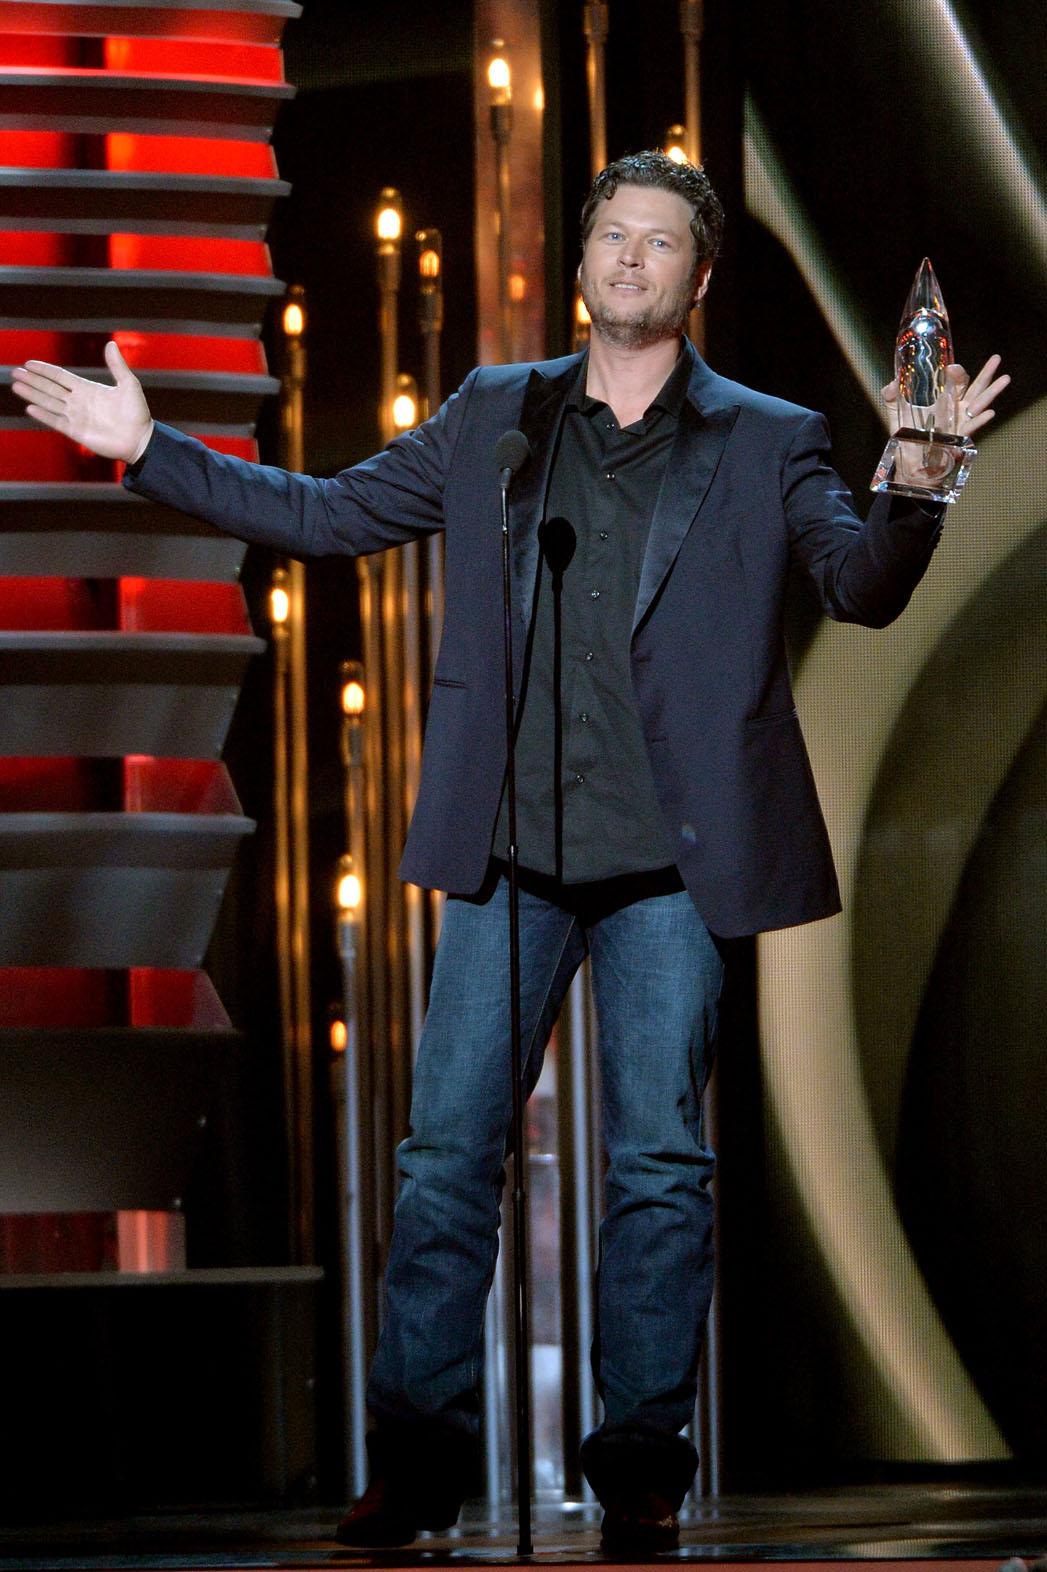 Blake Shelton CMA Awards - P 2013